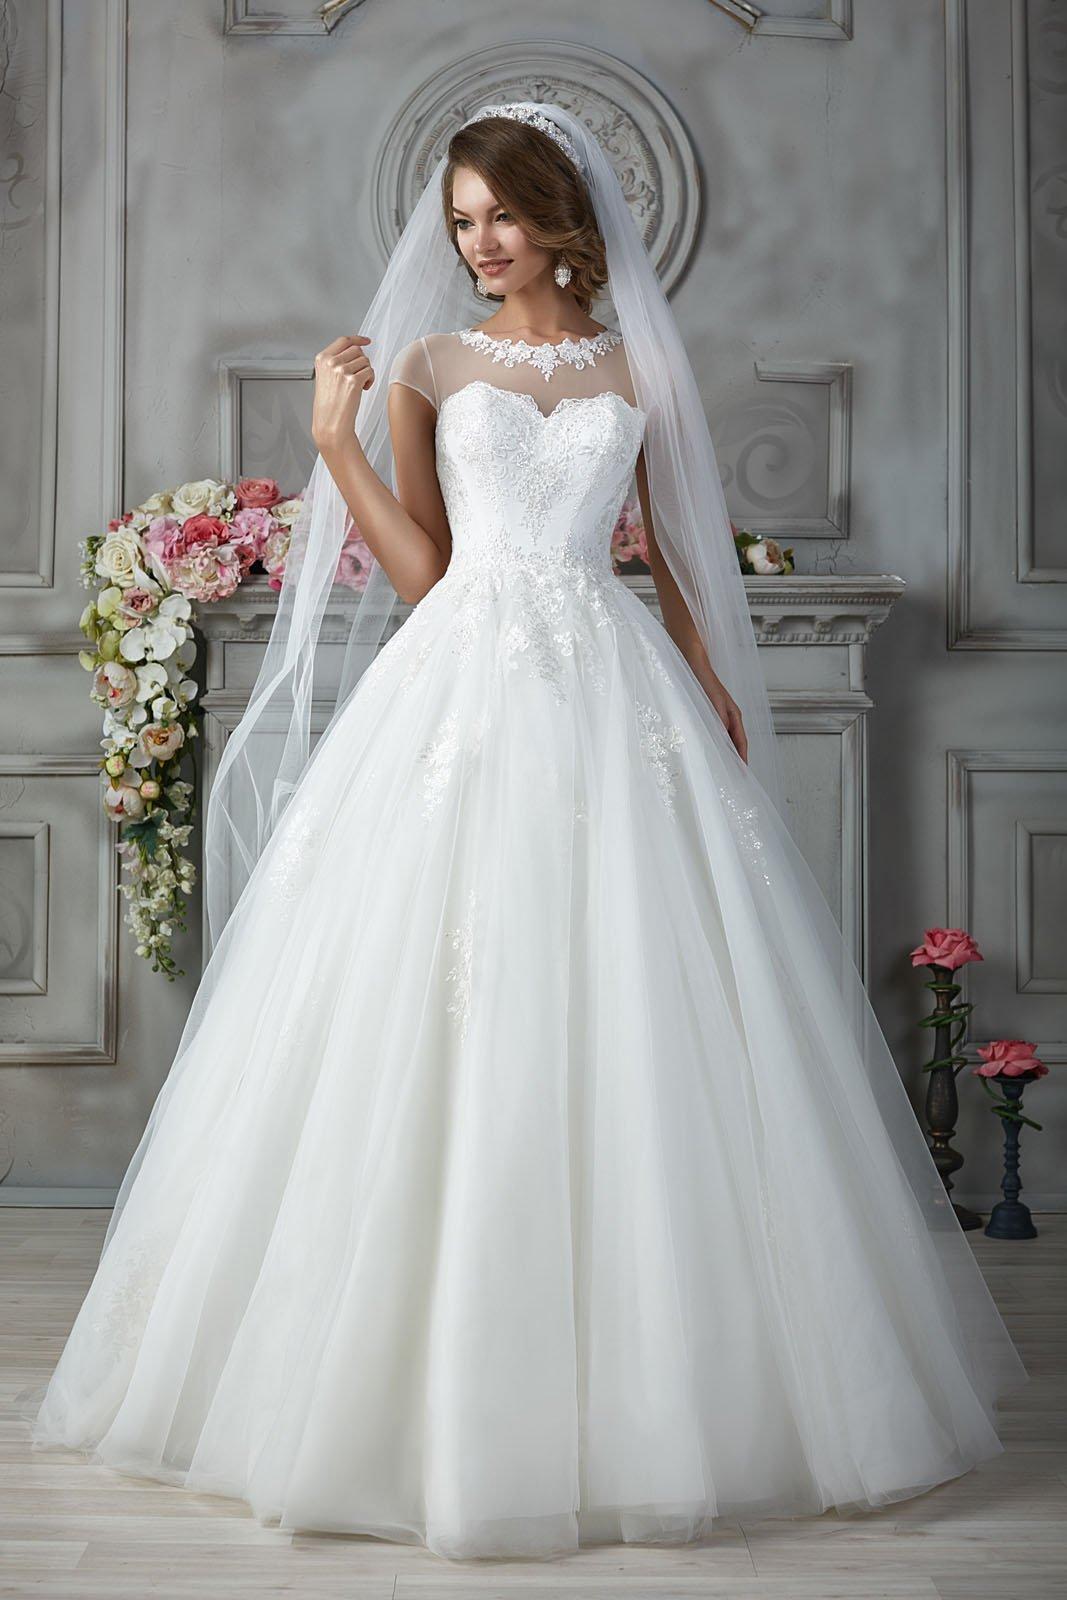 Свадебное платье с оригинальным лифом, дополненным прозрачной вставкой.